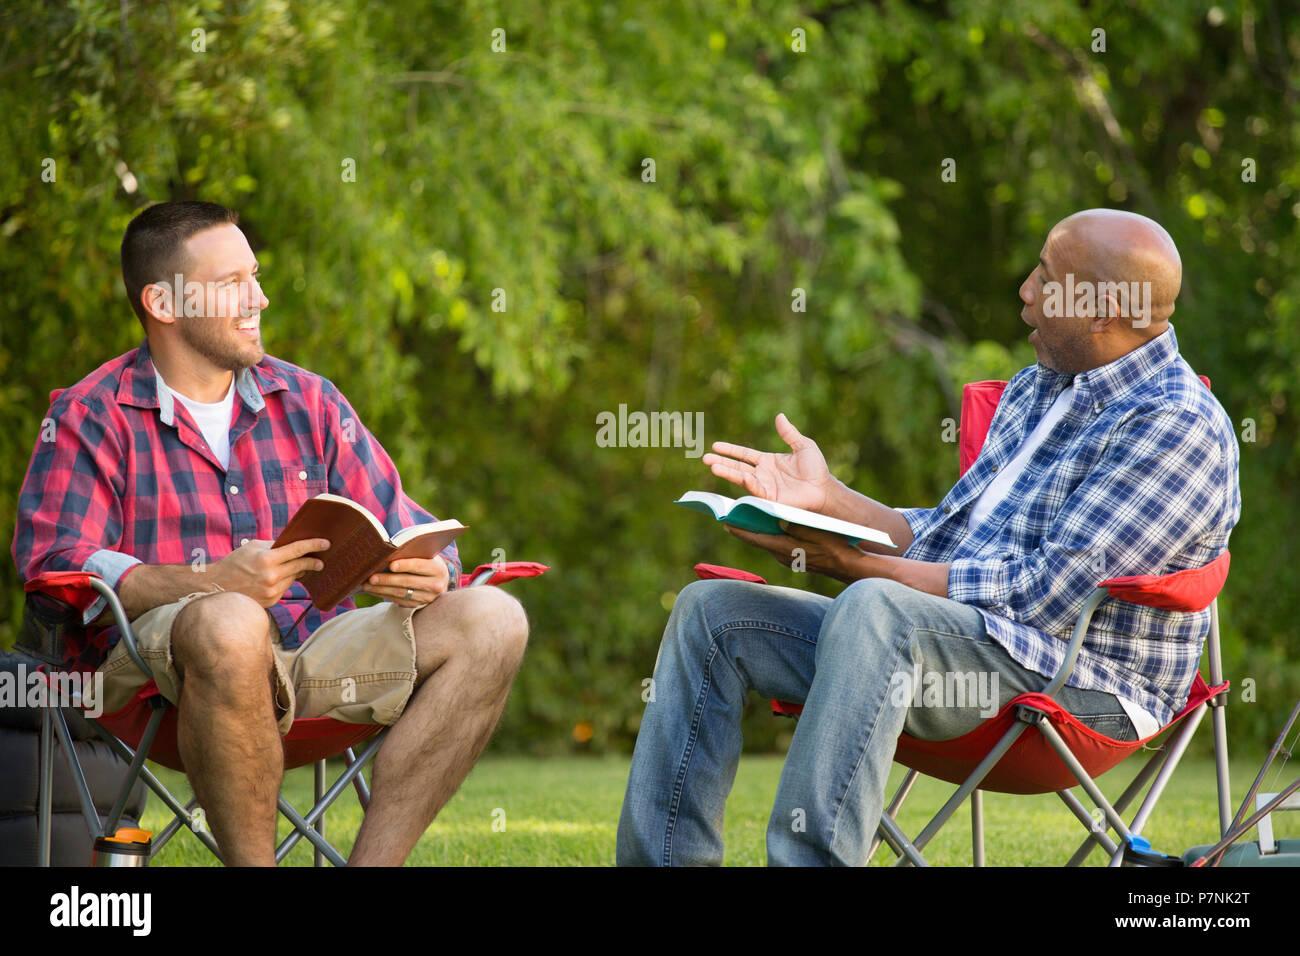 Gli uomini avente uno studio biblico. Immagini Stock